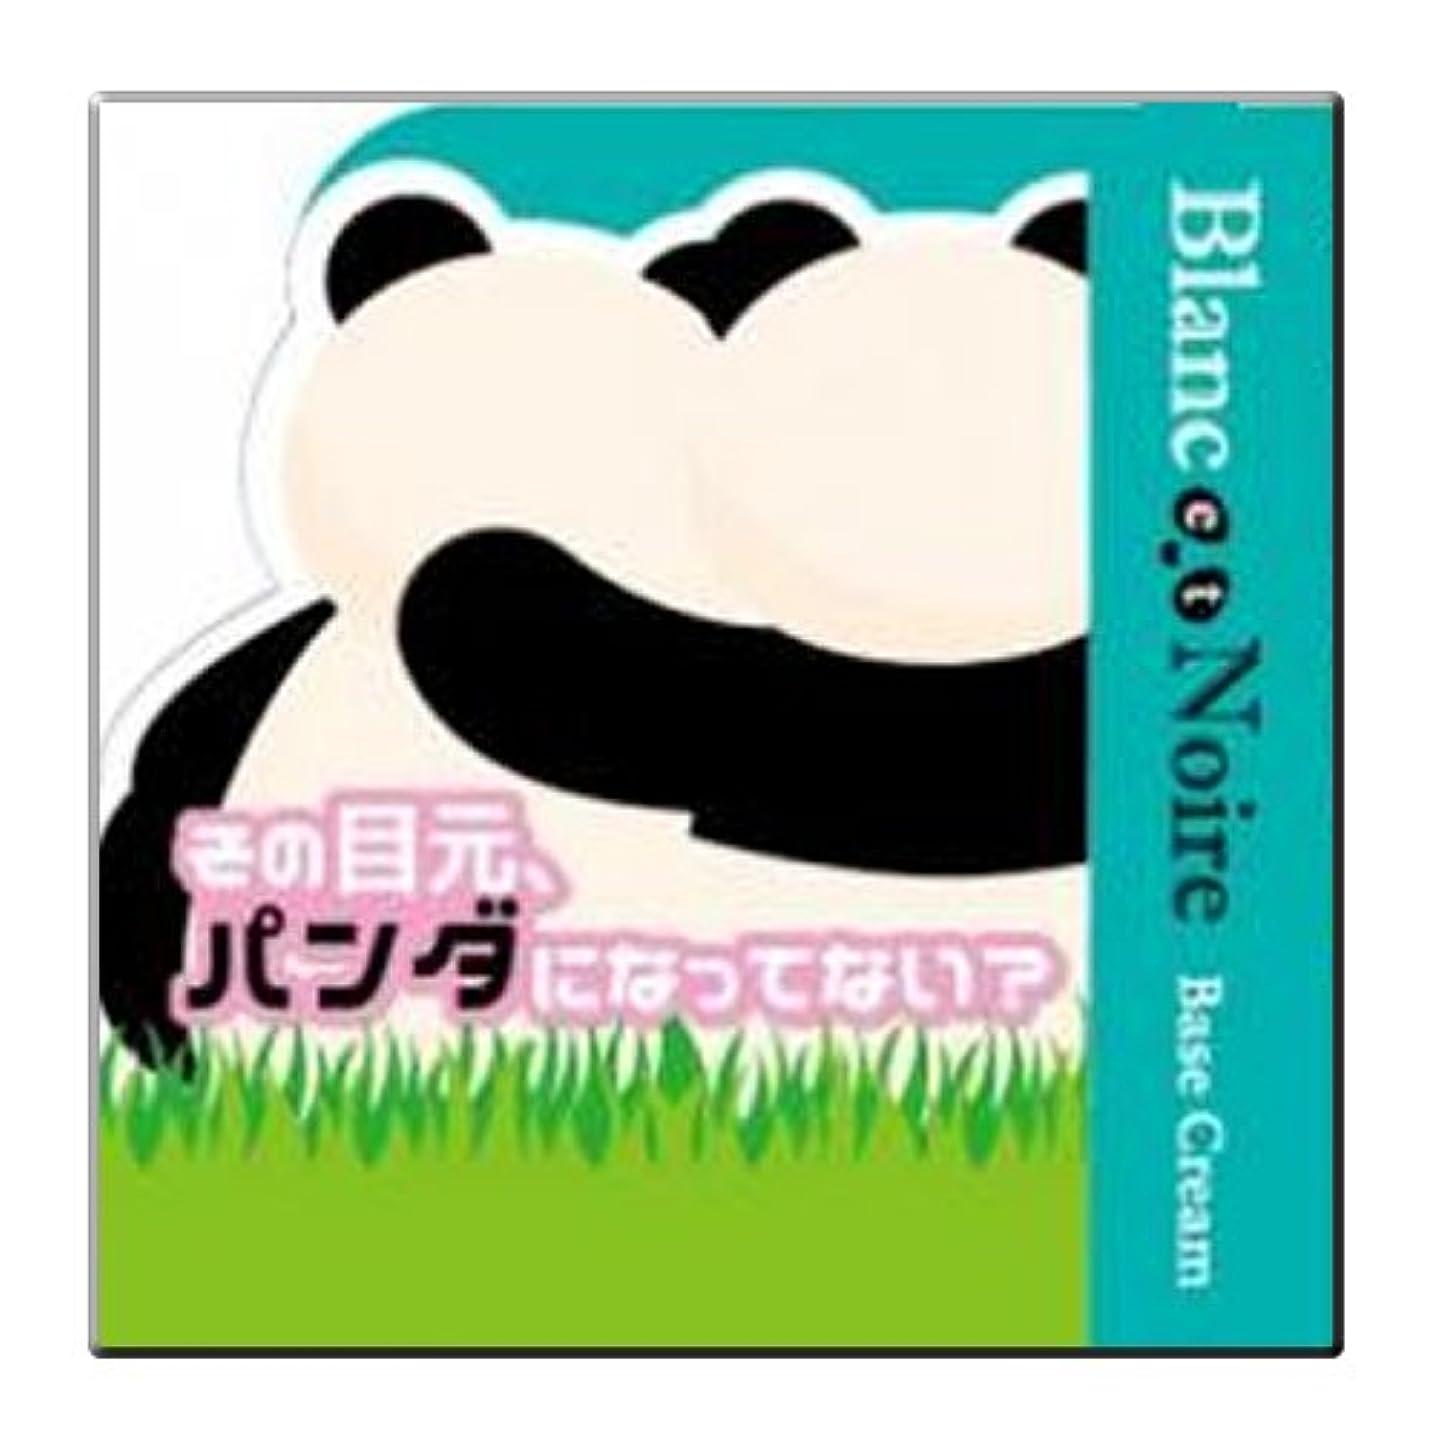 ドアミラー粘着性週間Blanc et Noire(ブラン エ ノアール) Base Cream(ベースクリーム) 薬用美白クリームファンデーション 医薬部外品 15g